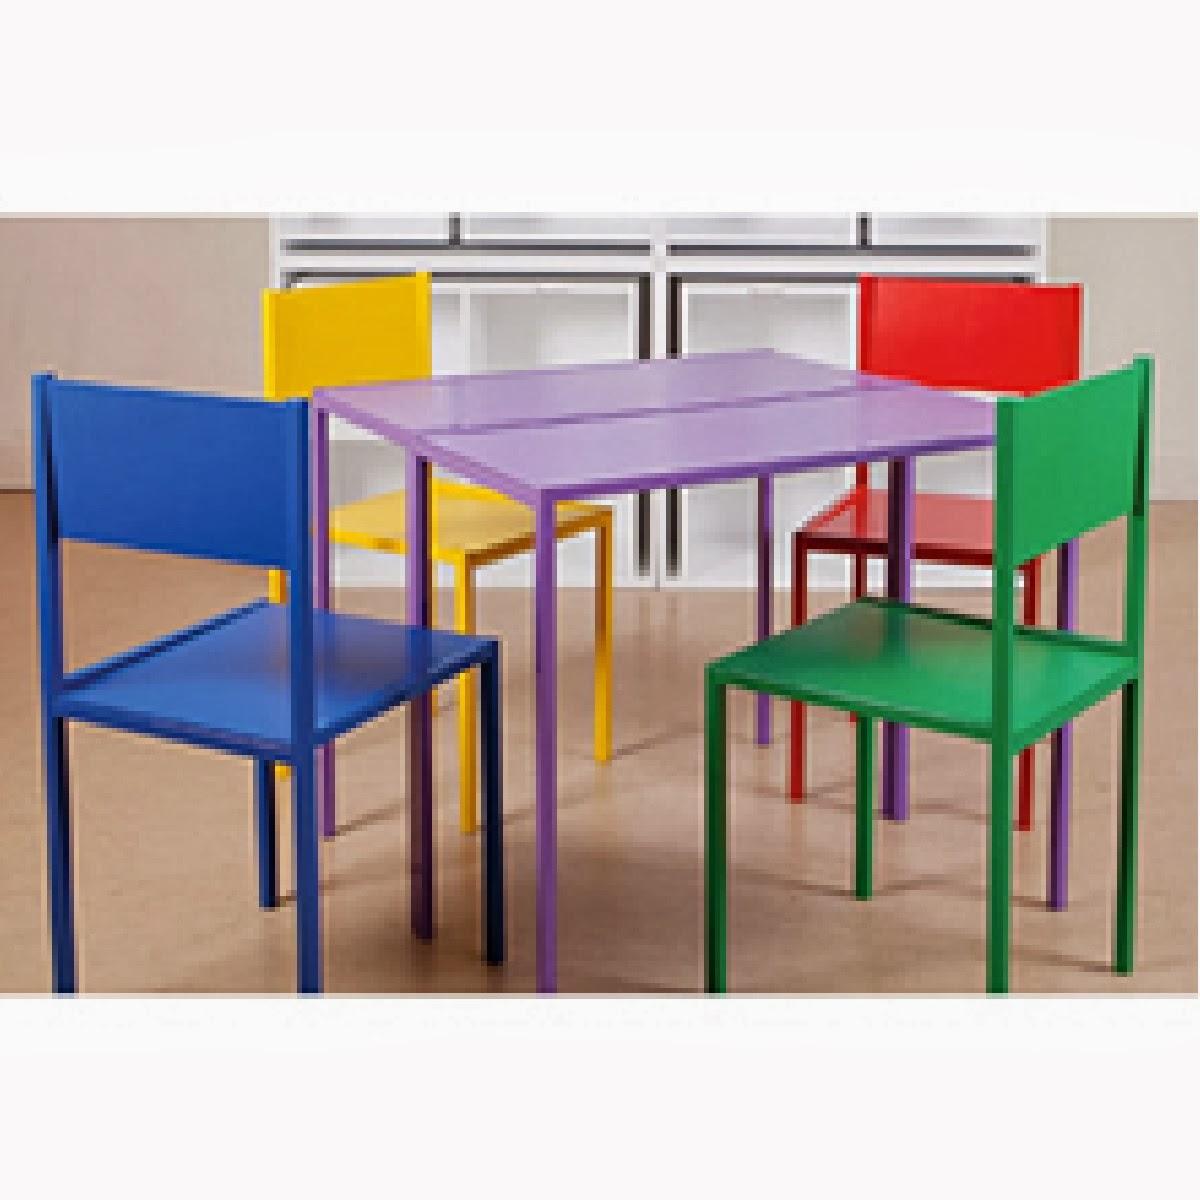 cadeaux 2 ouf id es de cadeaux insolites et originaux des chaises et des tables cach es. Black Bedroom Furniture Sets. Home Design Ideas